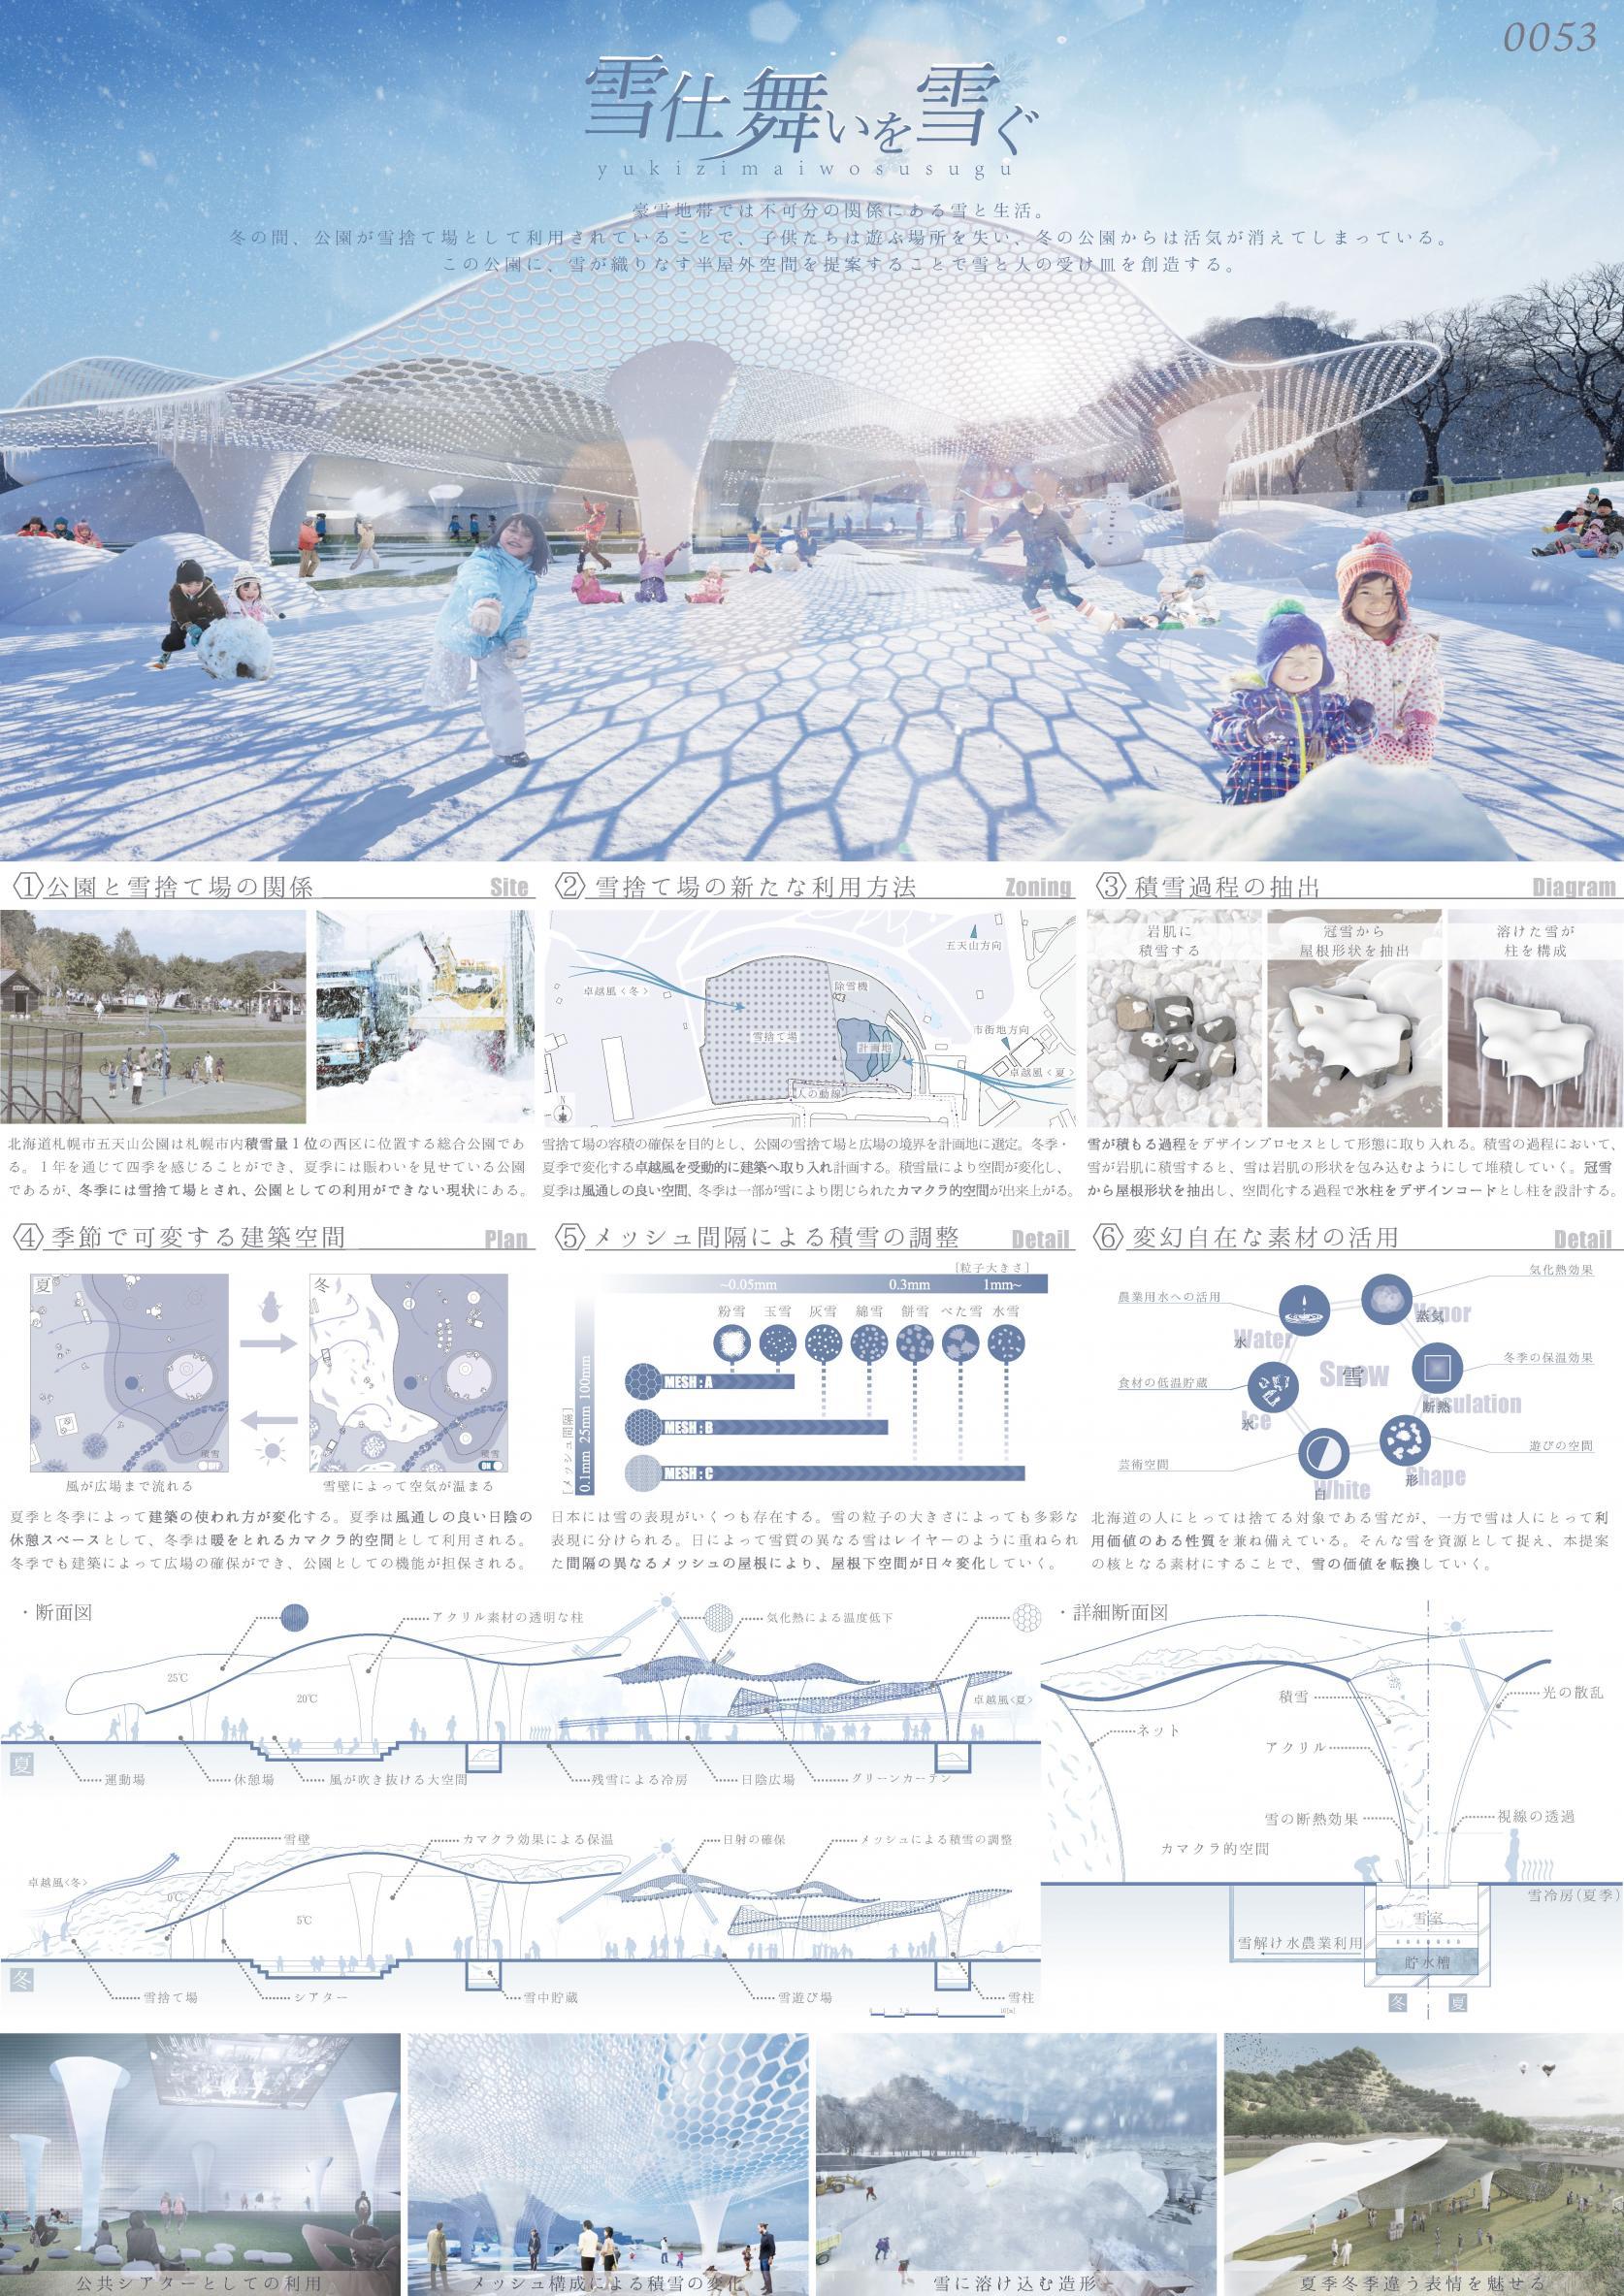 海洋建築工学科の学生グループが、JIA日本建築家協会主催の「テクスチャレンジ設計コンペ」において、審査員賞(山脇賞)を受賞しました。